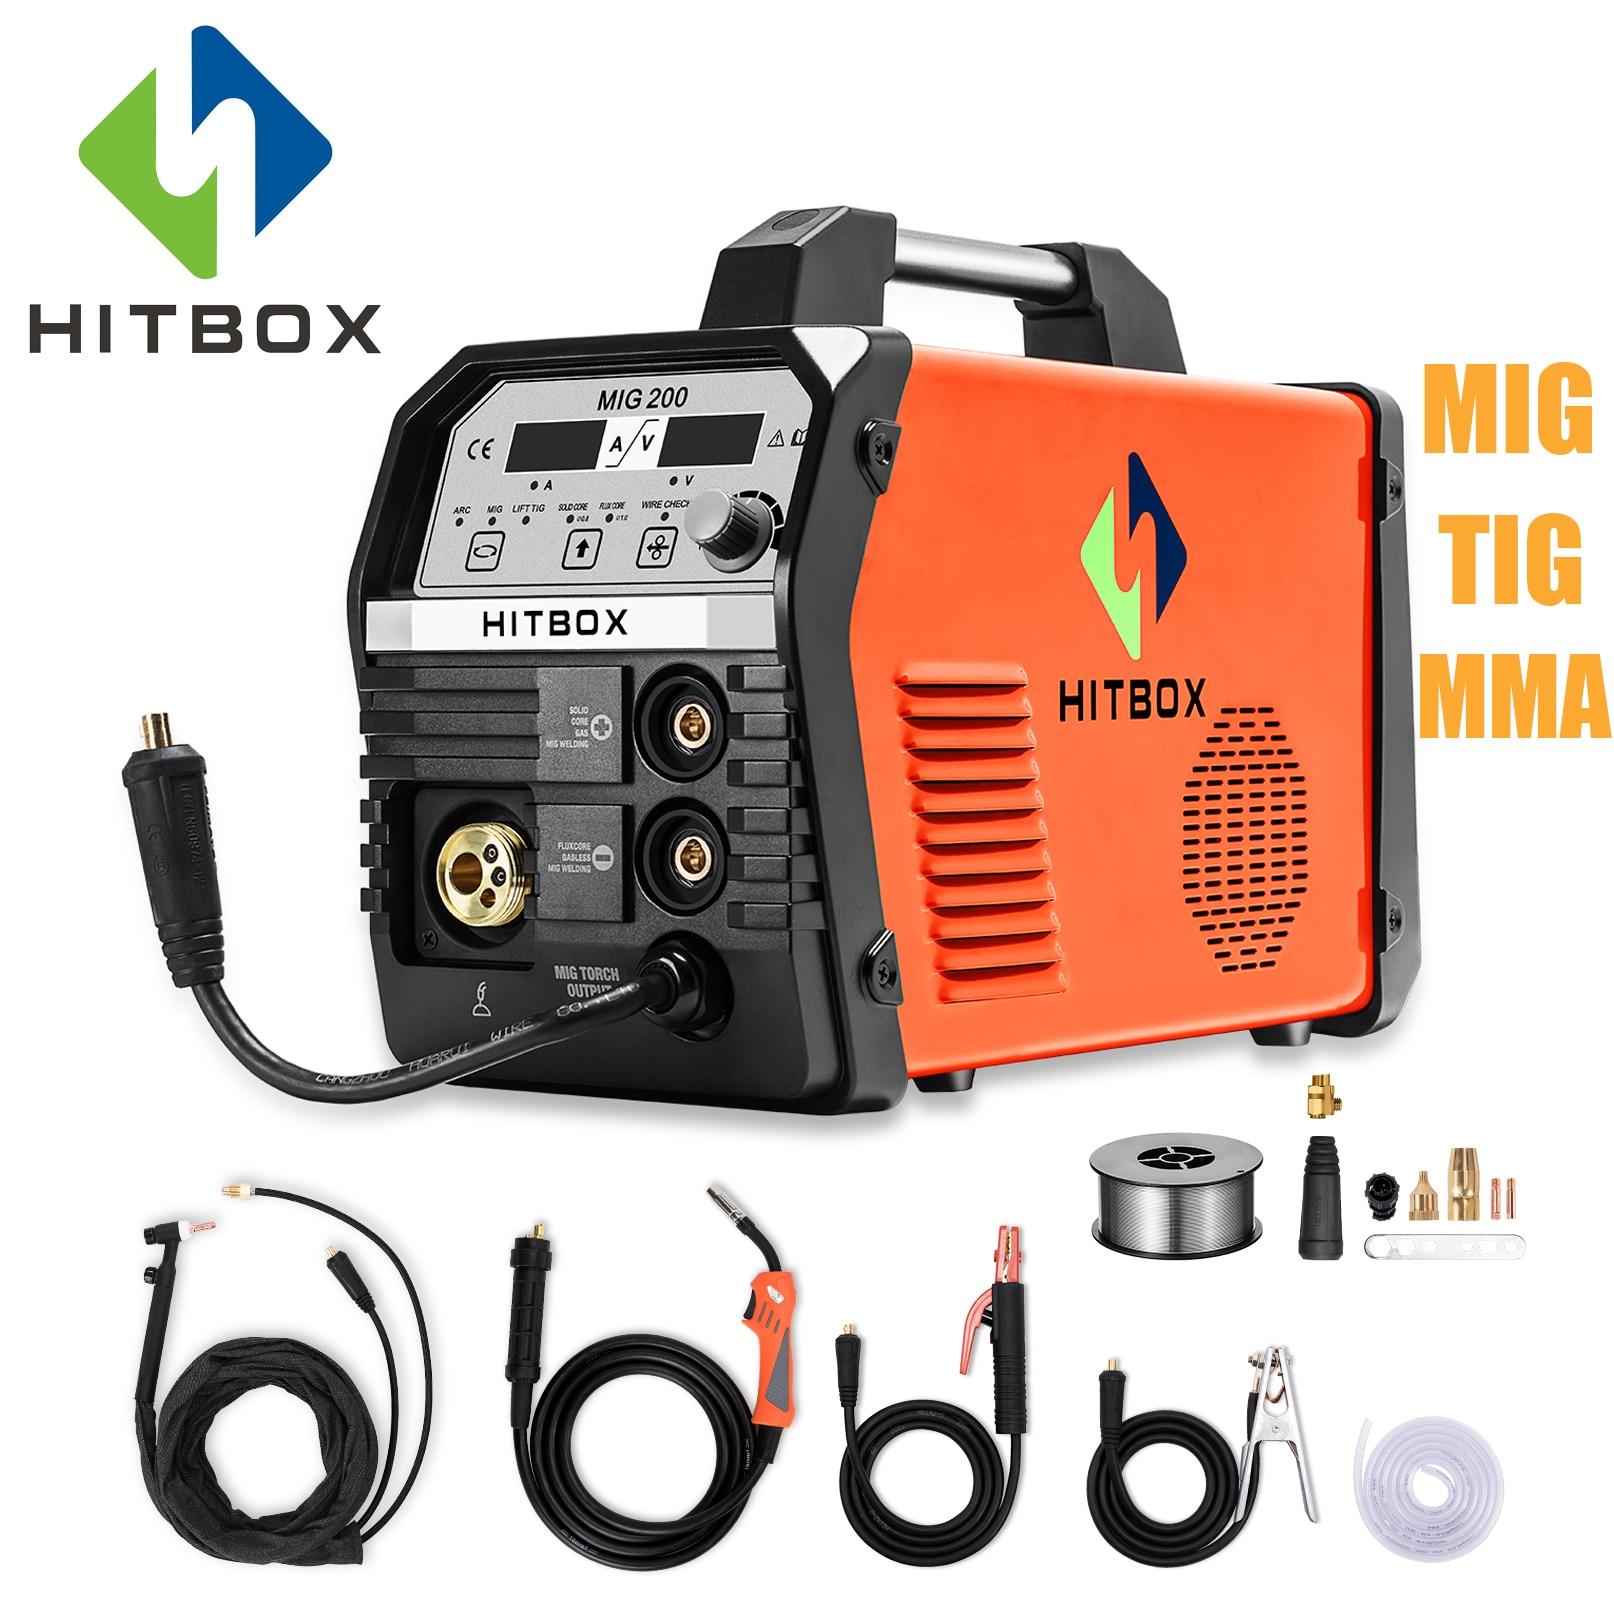 Soldador Mig HITBOX nueva apariencia MIG200 Gas DC funcional sin Gas autoblindado MIG 4,0mm soldador de arco MIG ascensor TIG MMA 220V